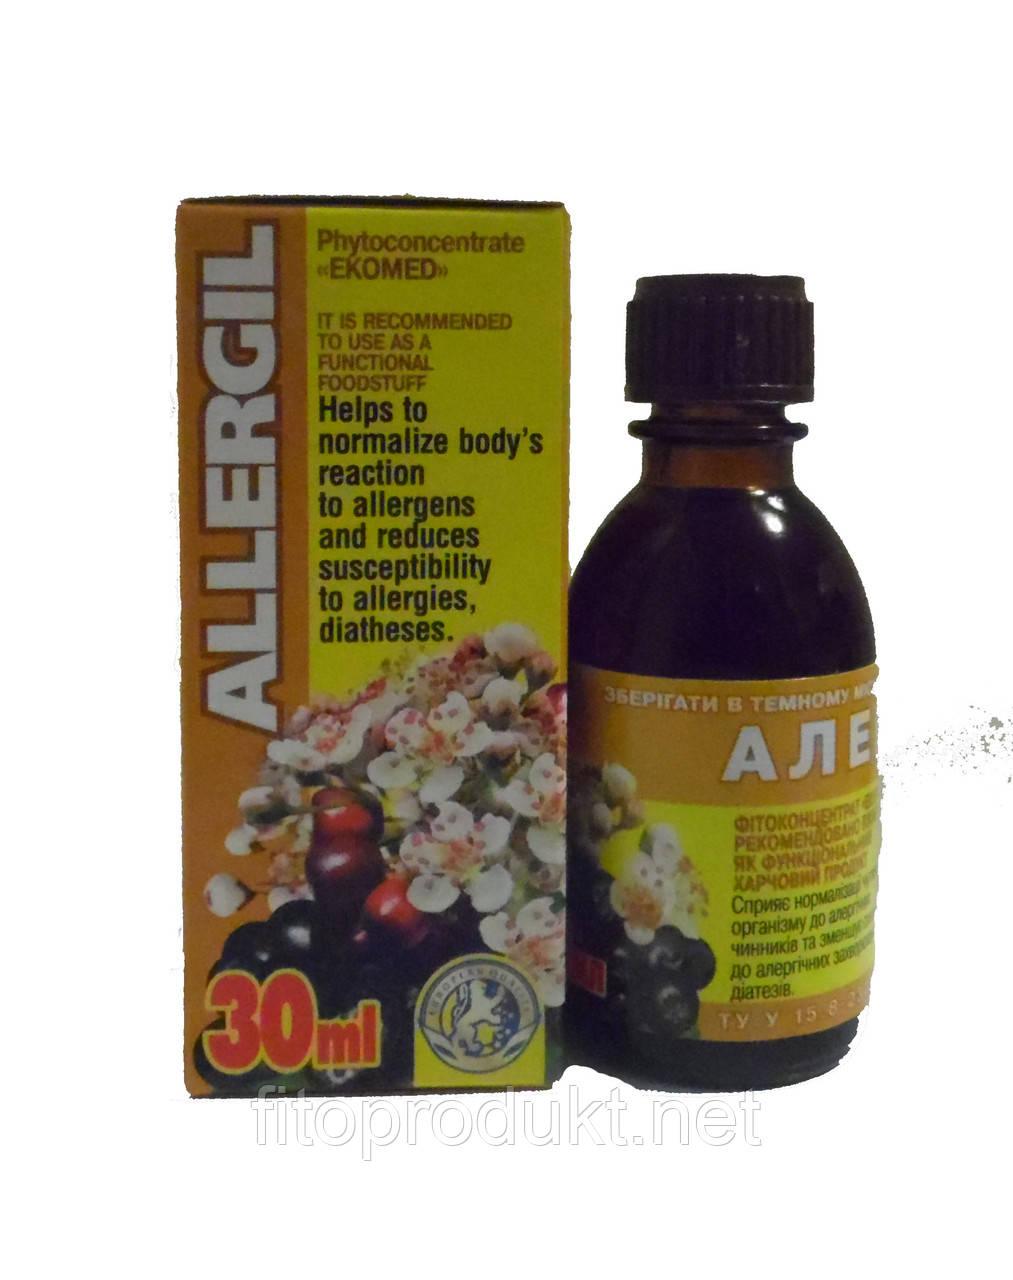 Аллергил БАЖ уменьшает реакцию на все виды аллергенов.